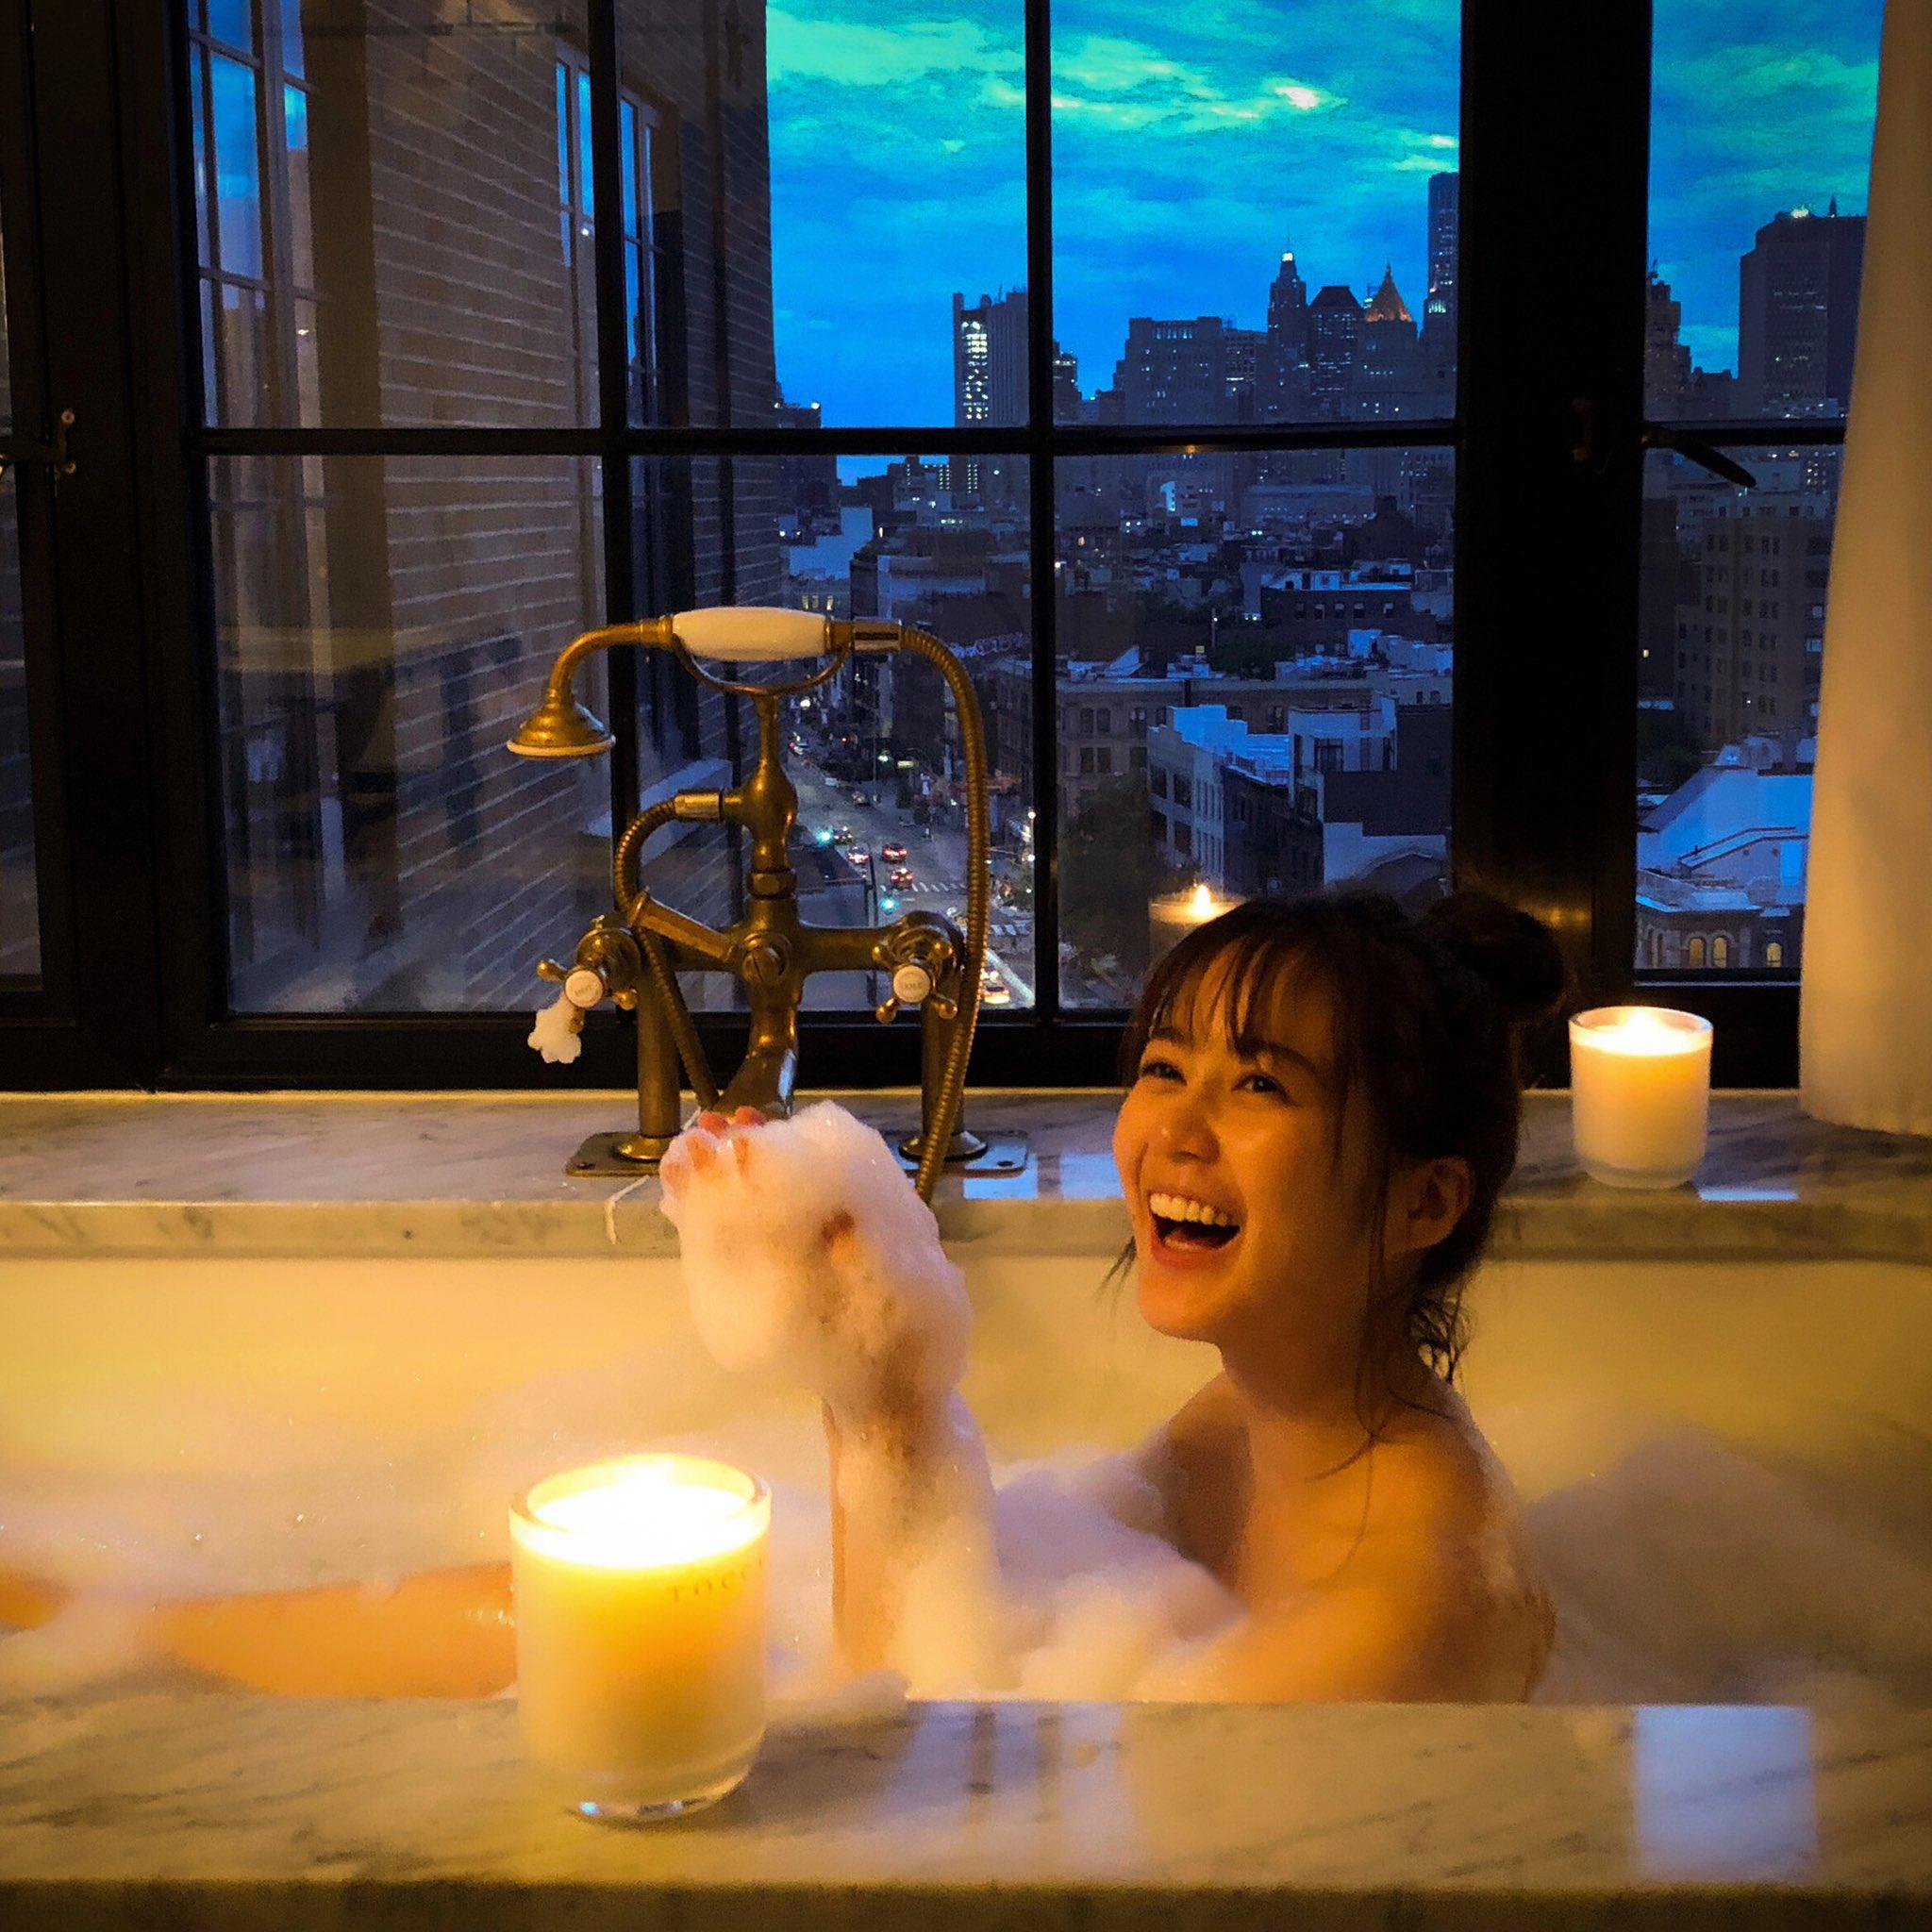 乃木坂46生田絵梨花2nd写真集「ニューヨークの夜景が見えるステキなバスルーム」オフショット